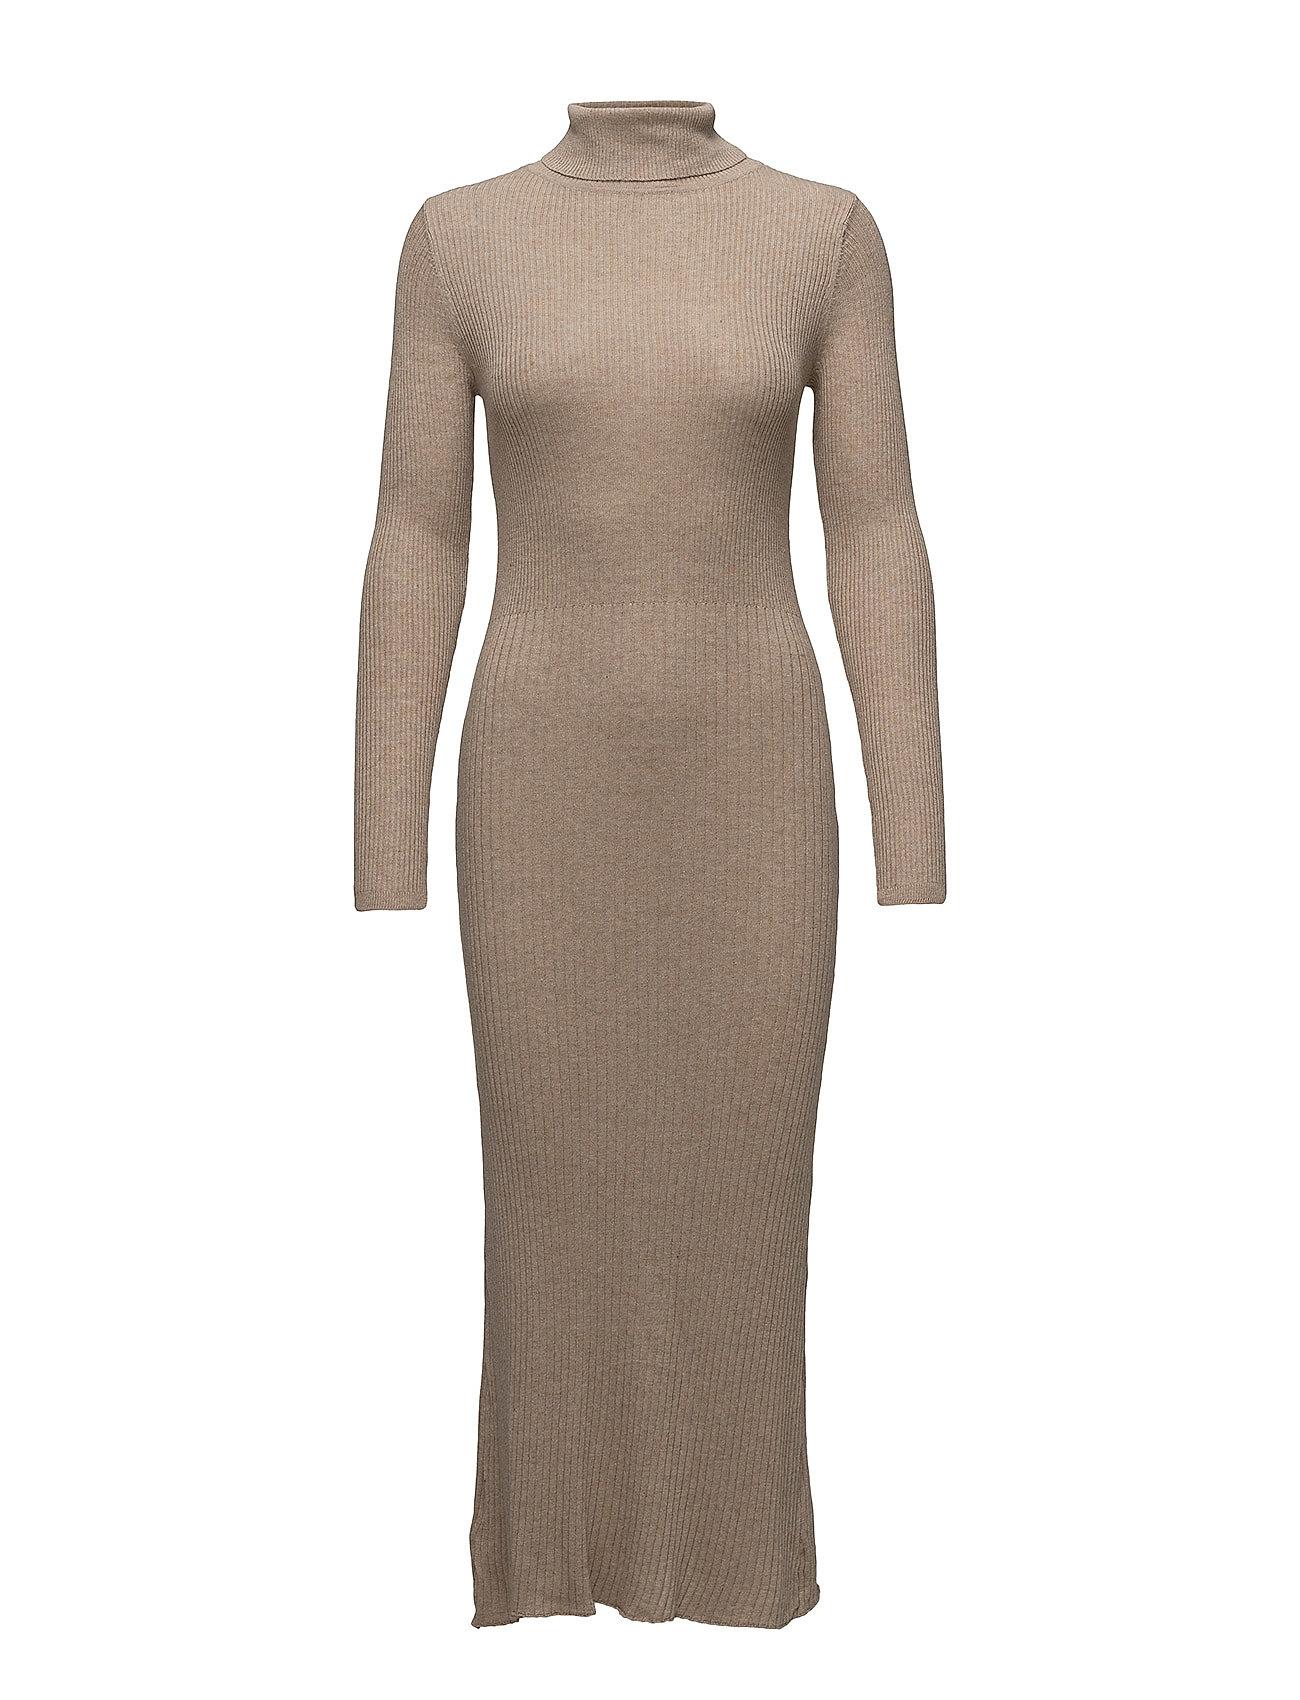 ea381615b3e3 Ribbed Long Dress Mango Maxi Kjoler til Damer i Medium Brown ...